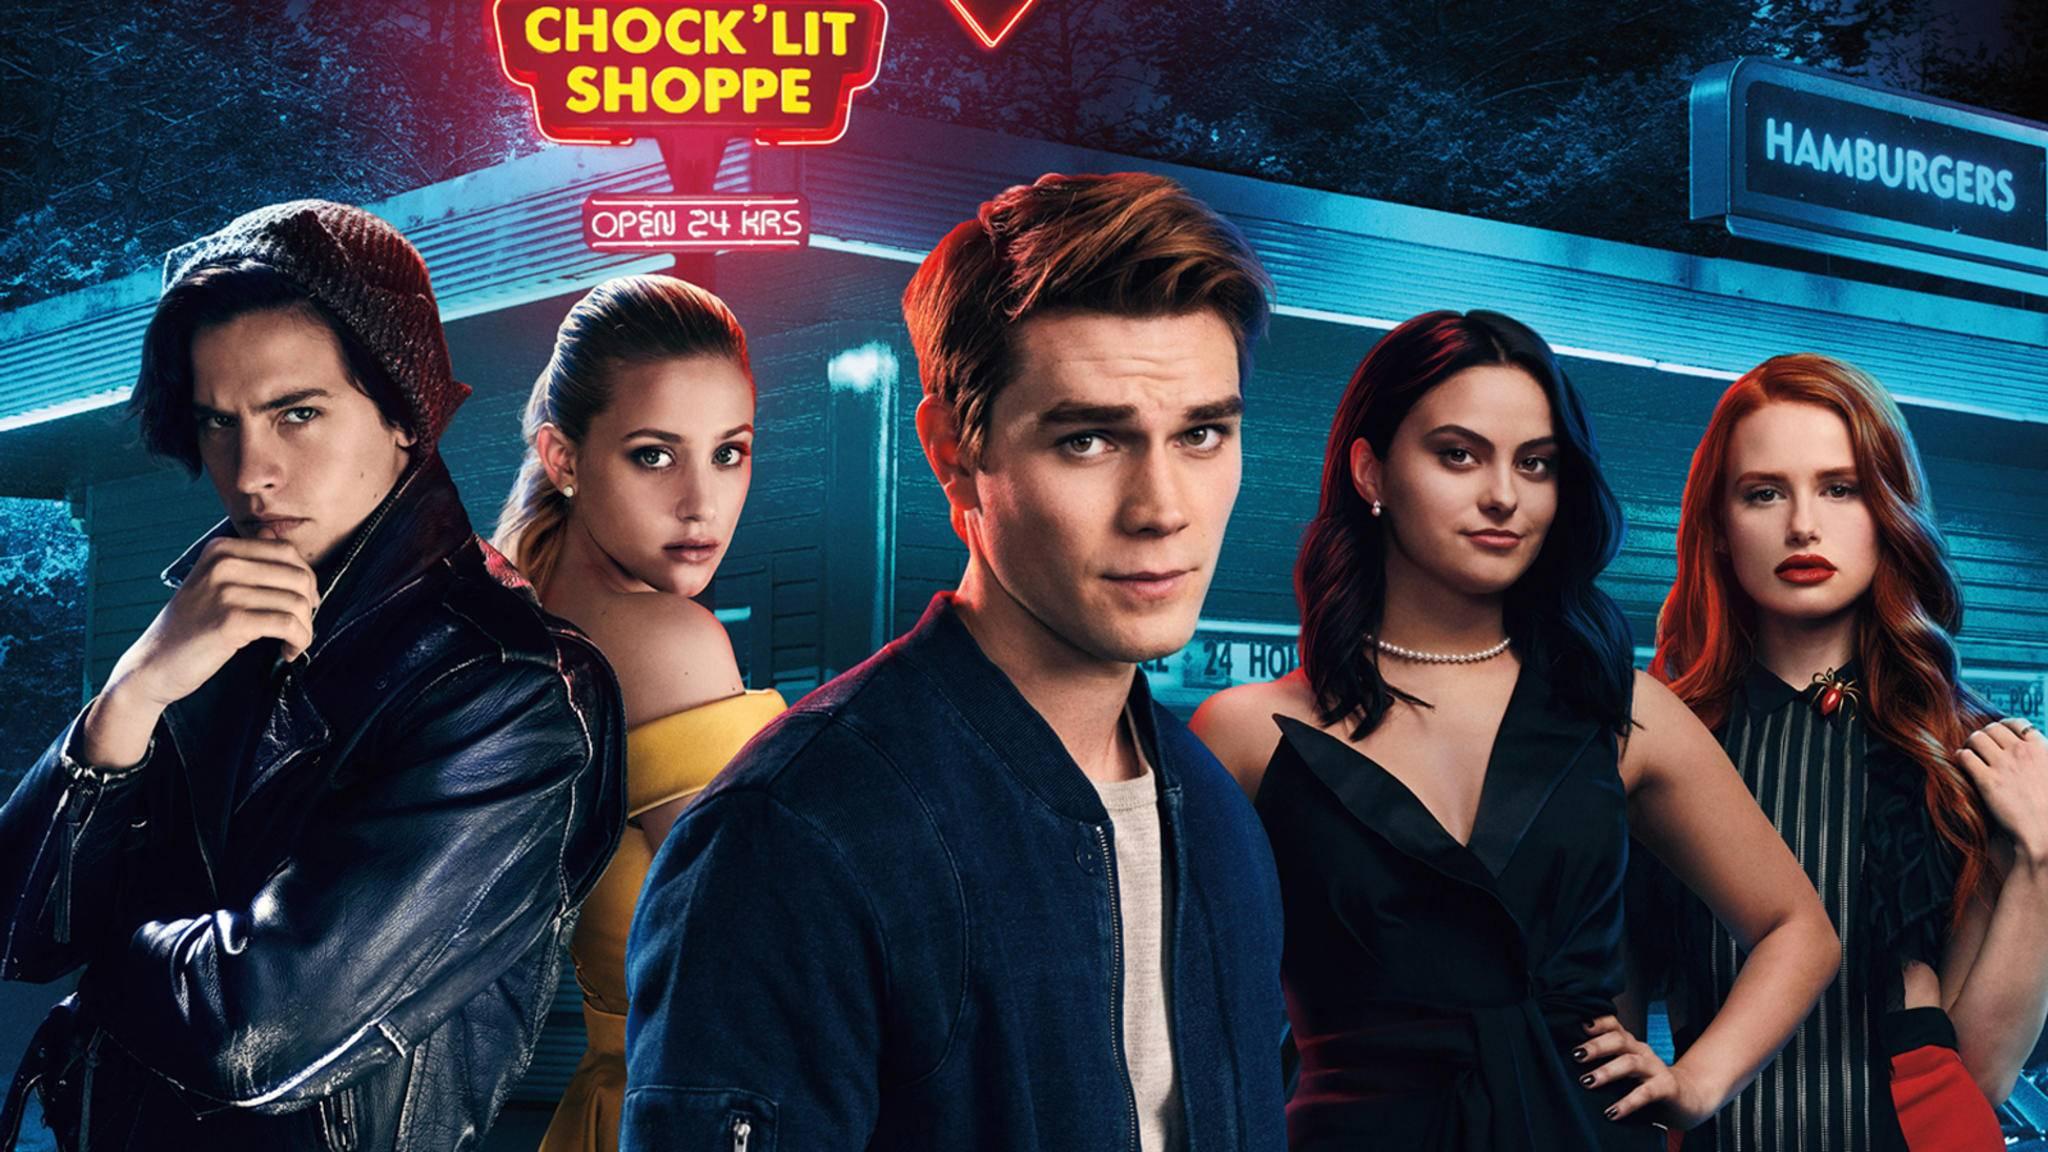 Der Entzug von Jughead, Betty, Archie, Veronica und Cheryl (von links) kann hart sein – wir haben deshalb nach ähnlichen Serien zur Ablenkung gesucht!